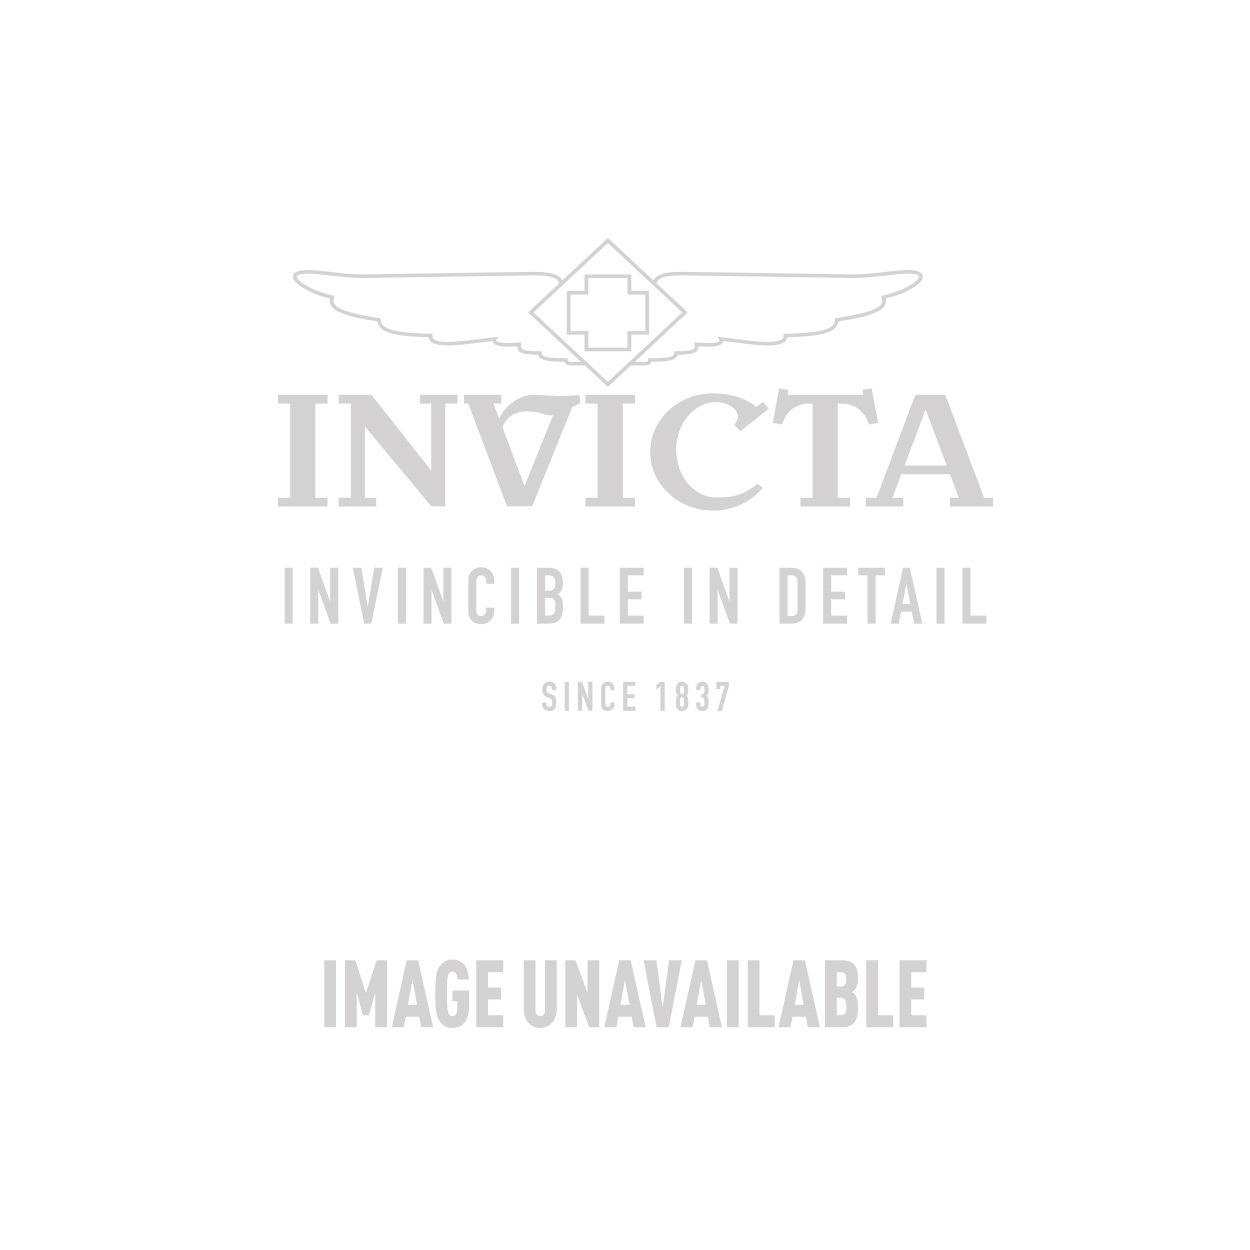 Invicta Model 27852